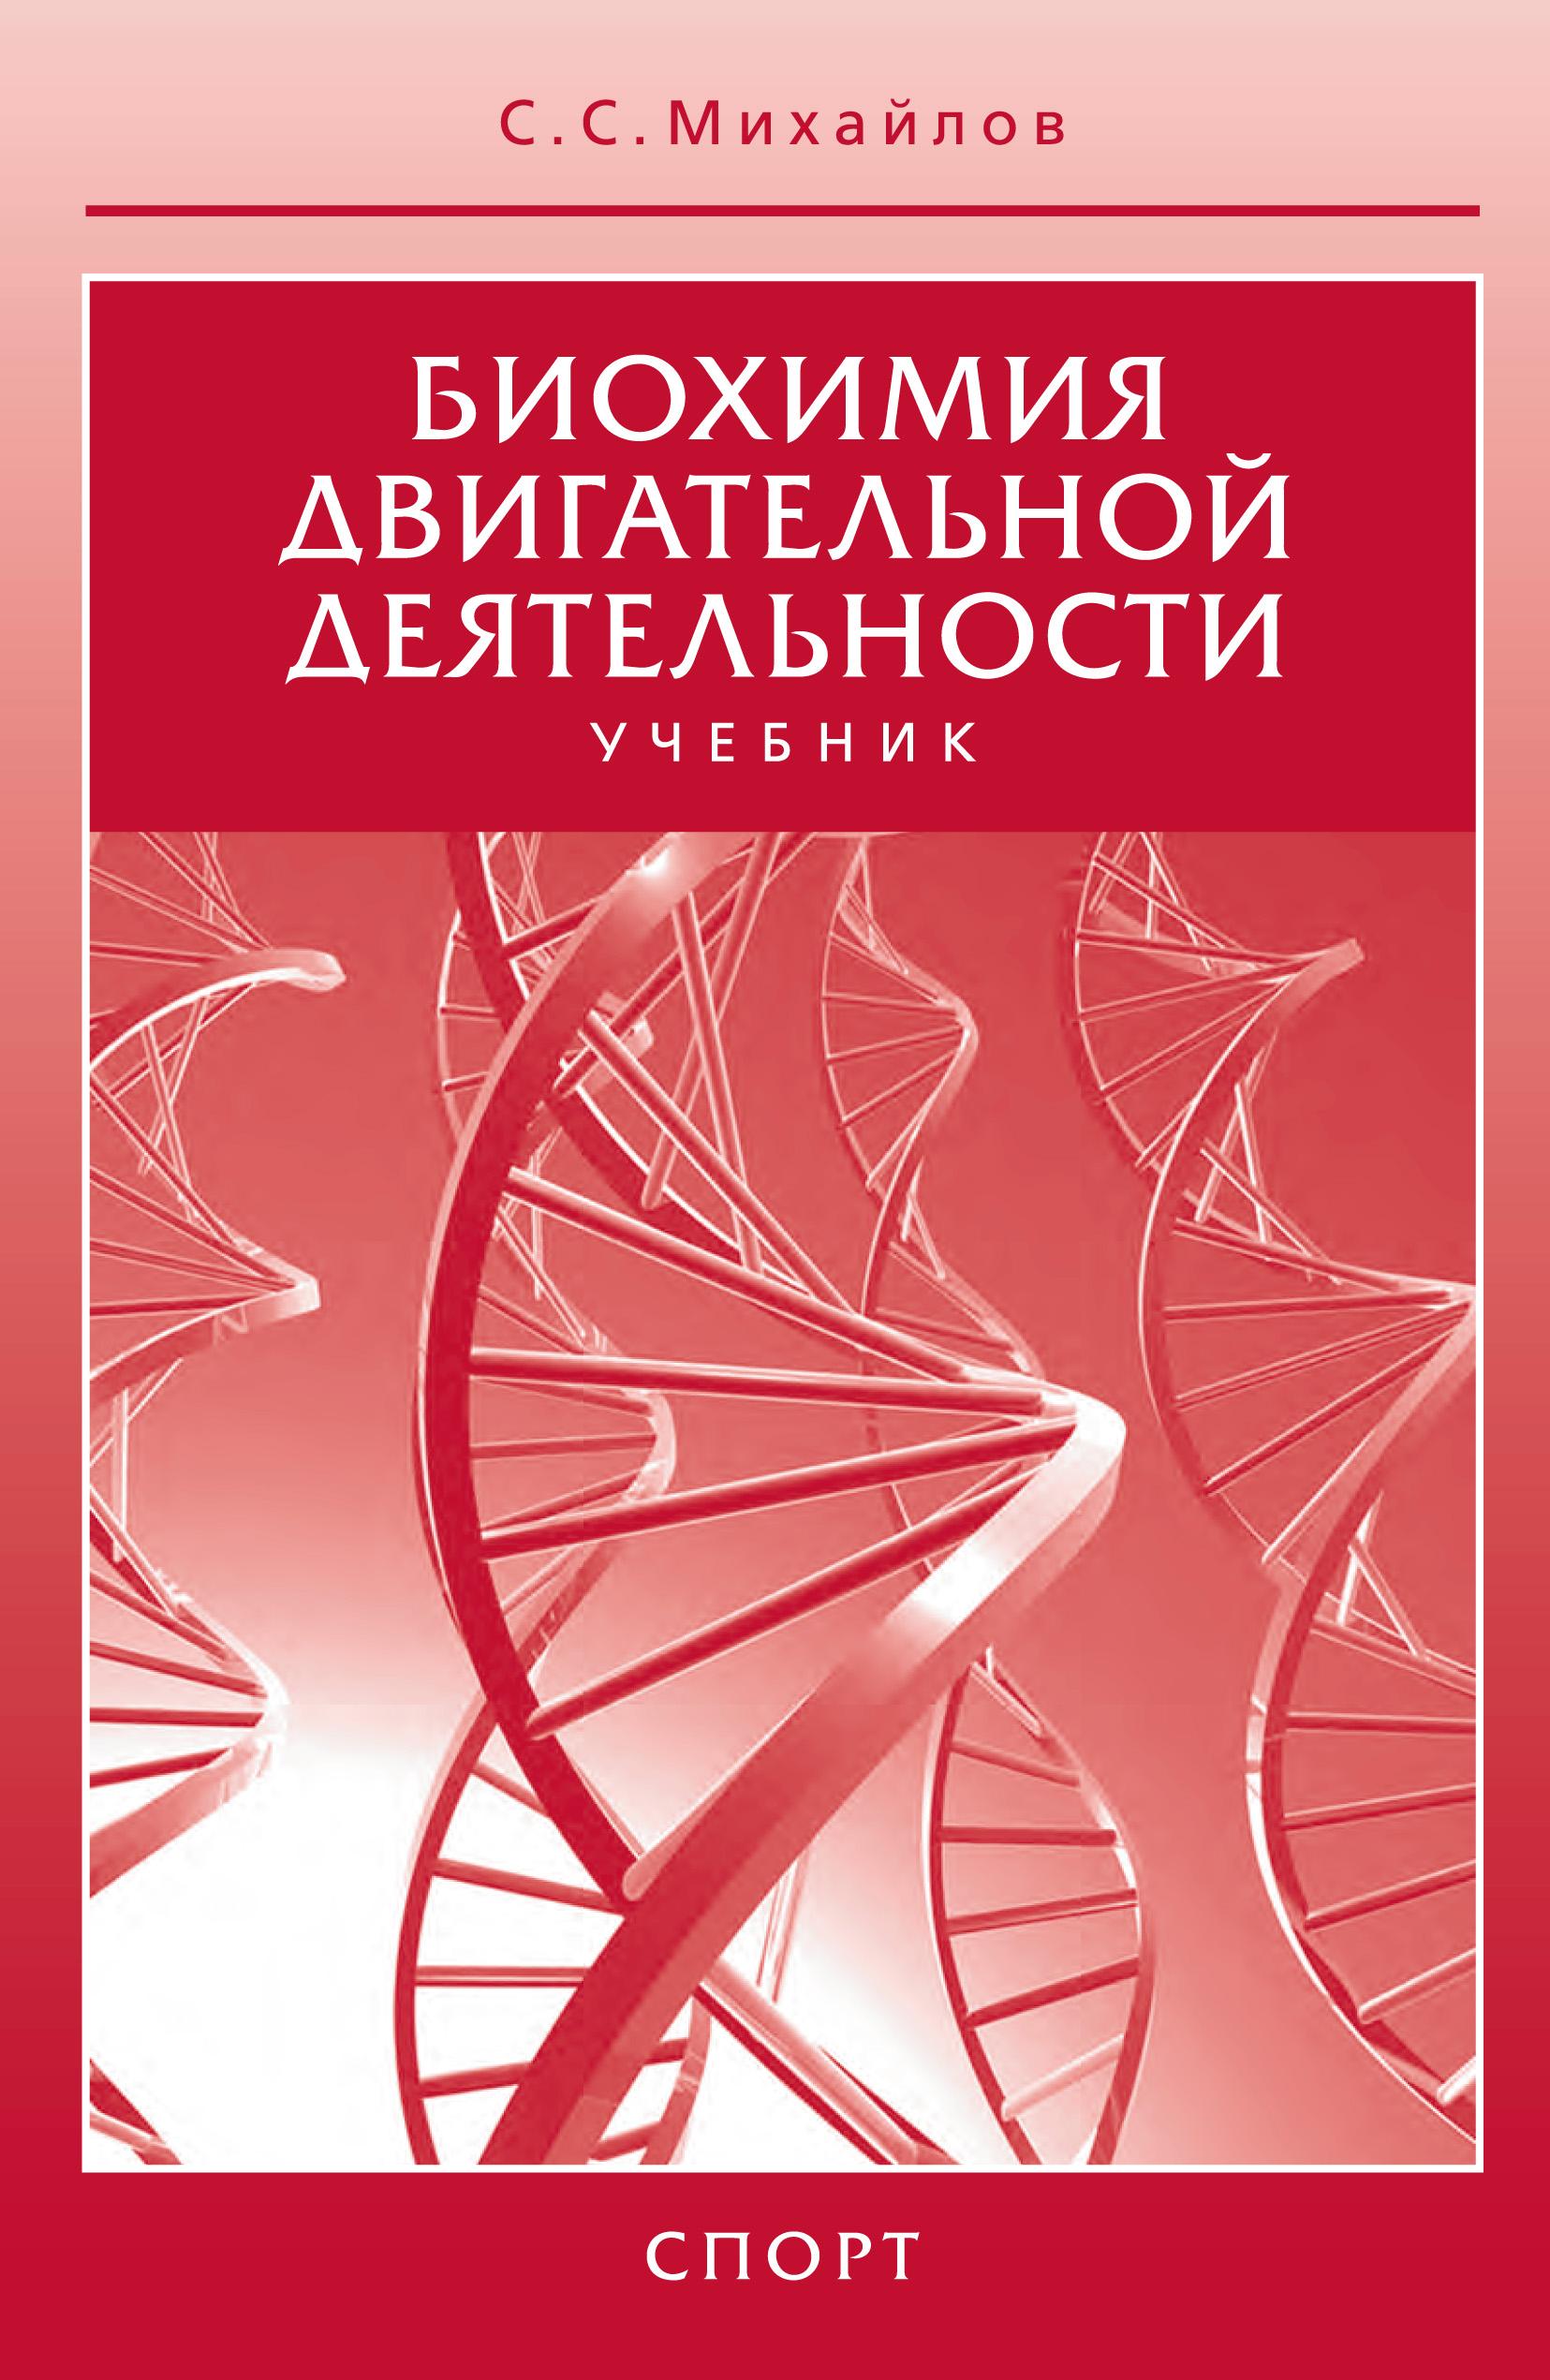 Биохимия двигательной деятельности. Учебник